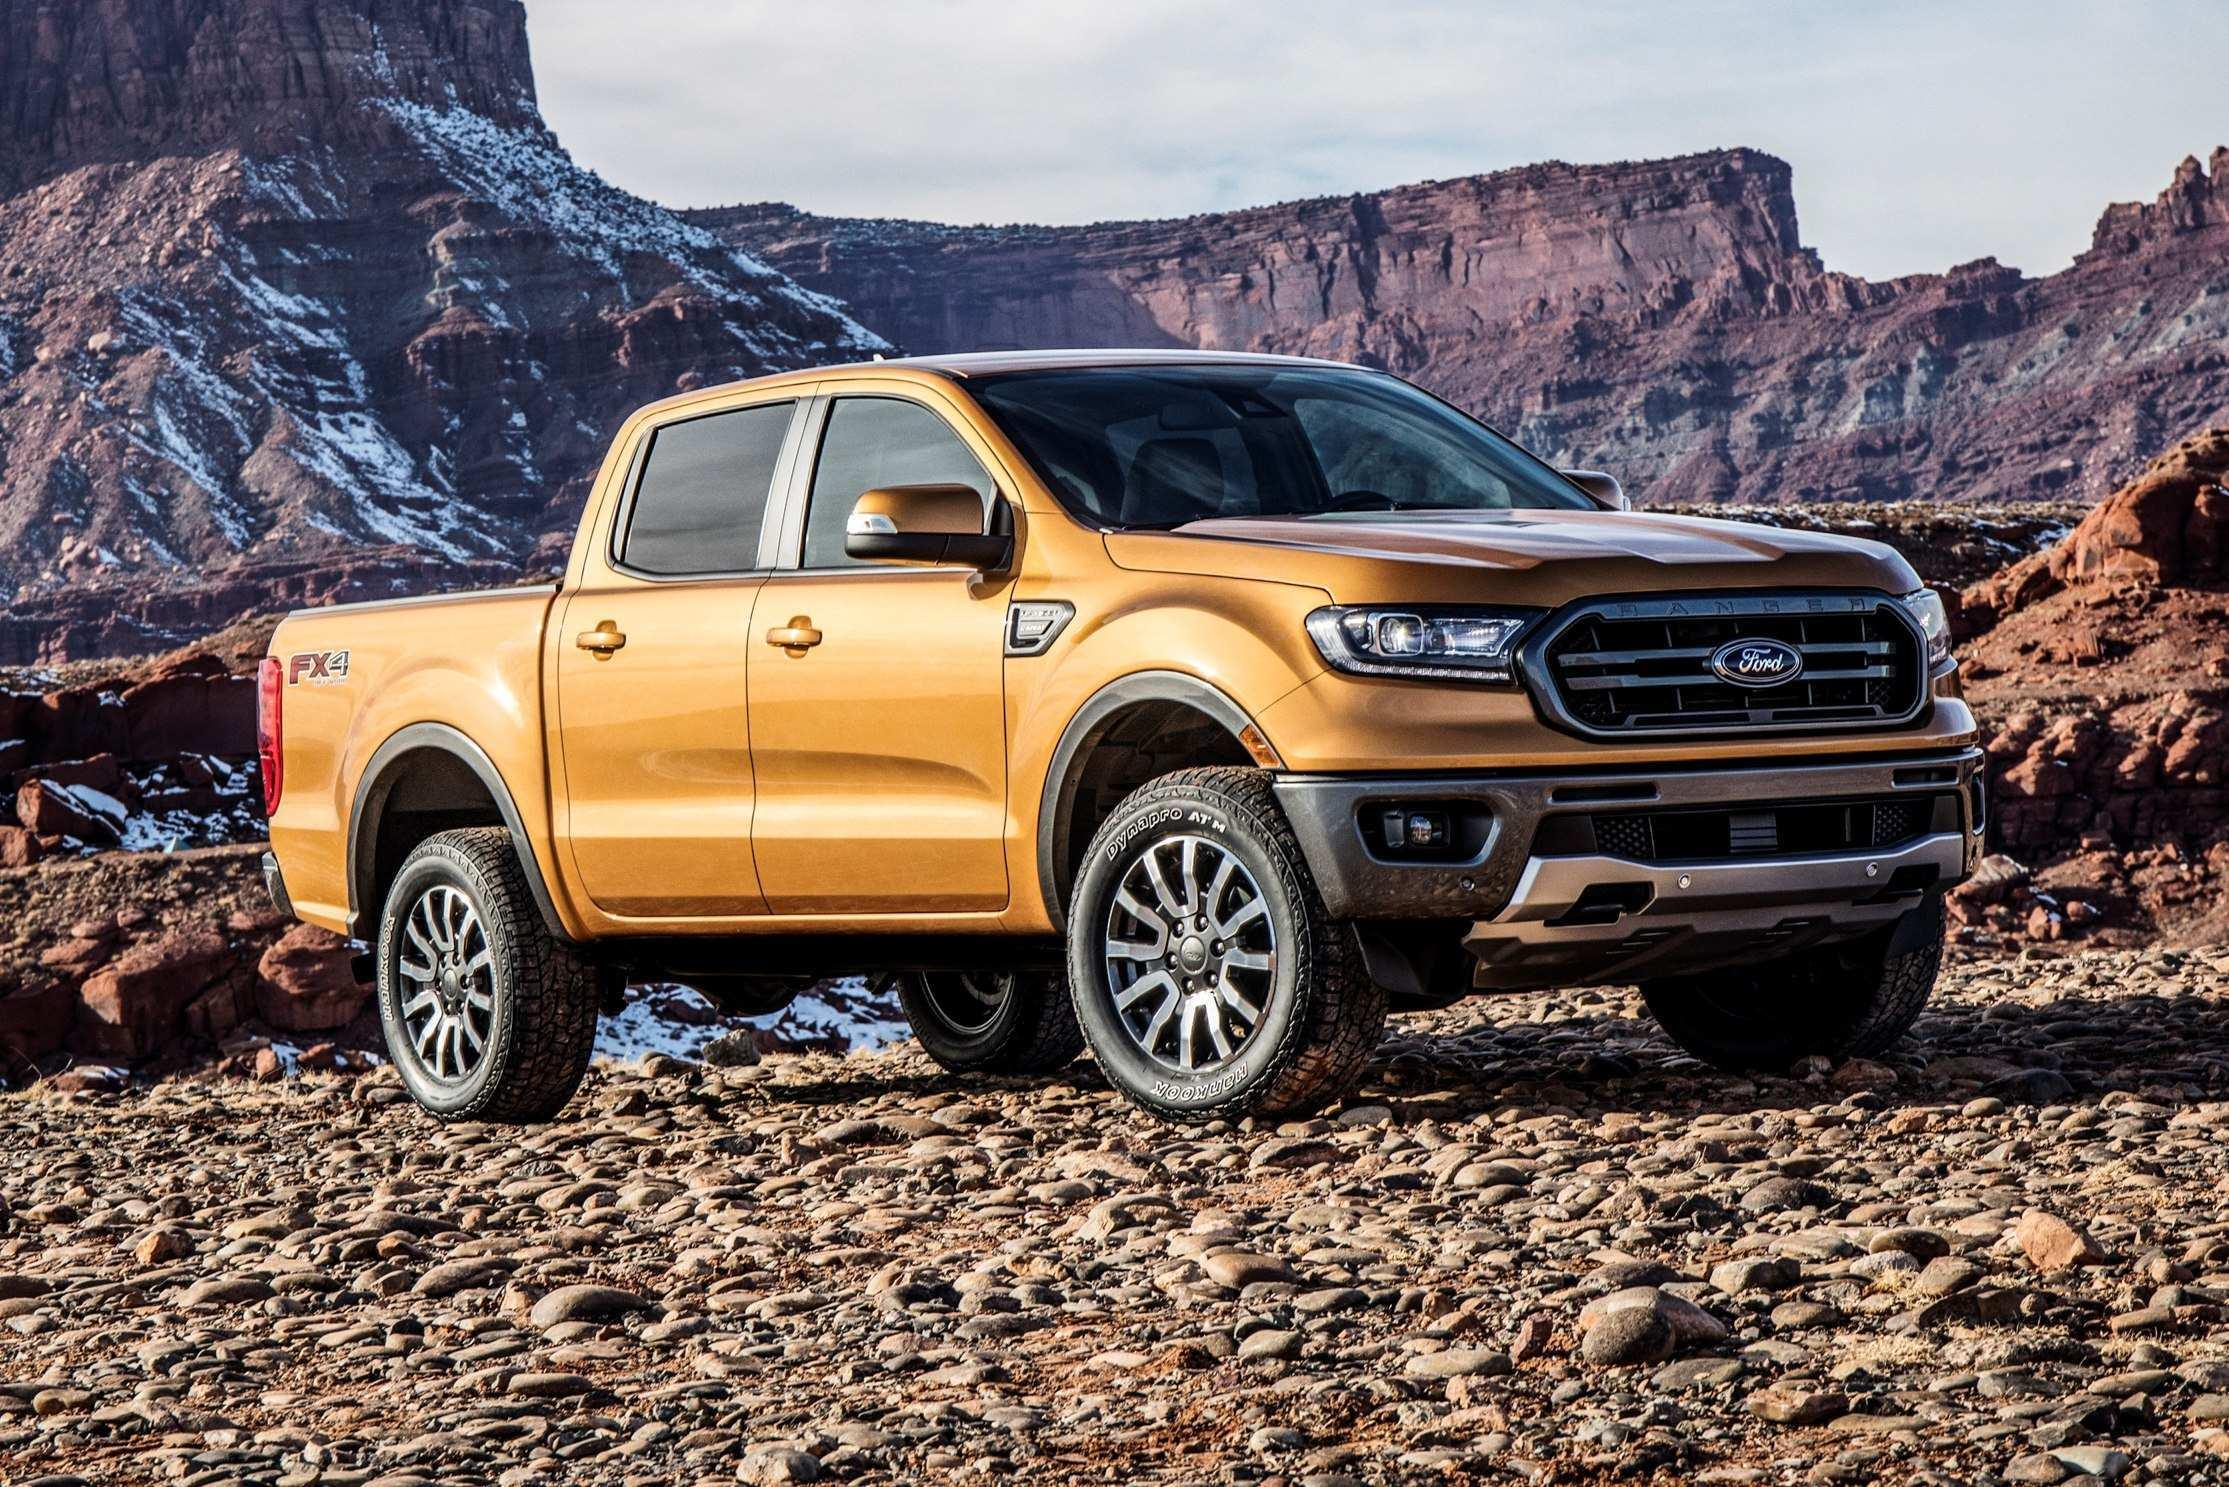 28 Concept of 2019 Usa Ford Ranger History for 2019 Usa Ford Ranger